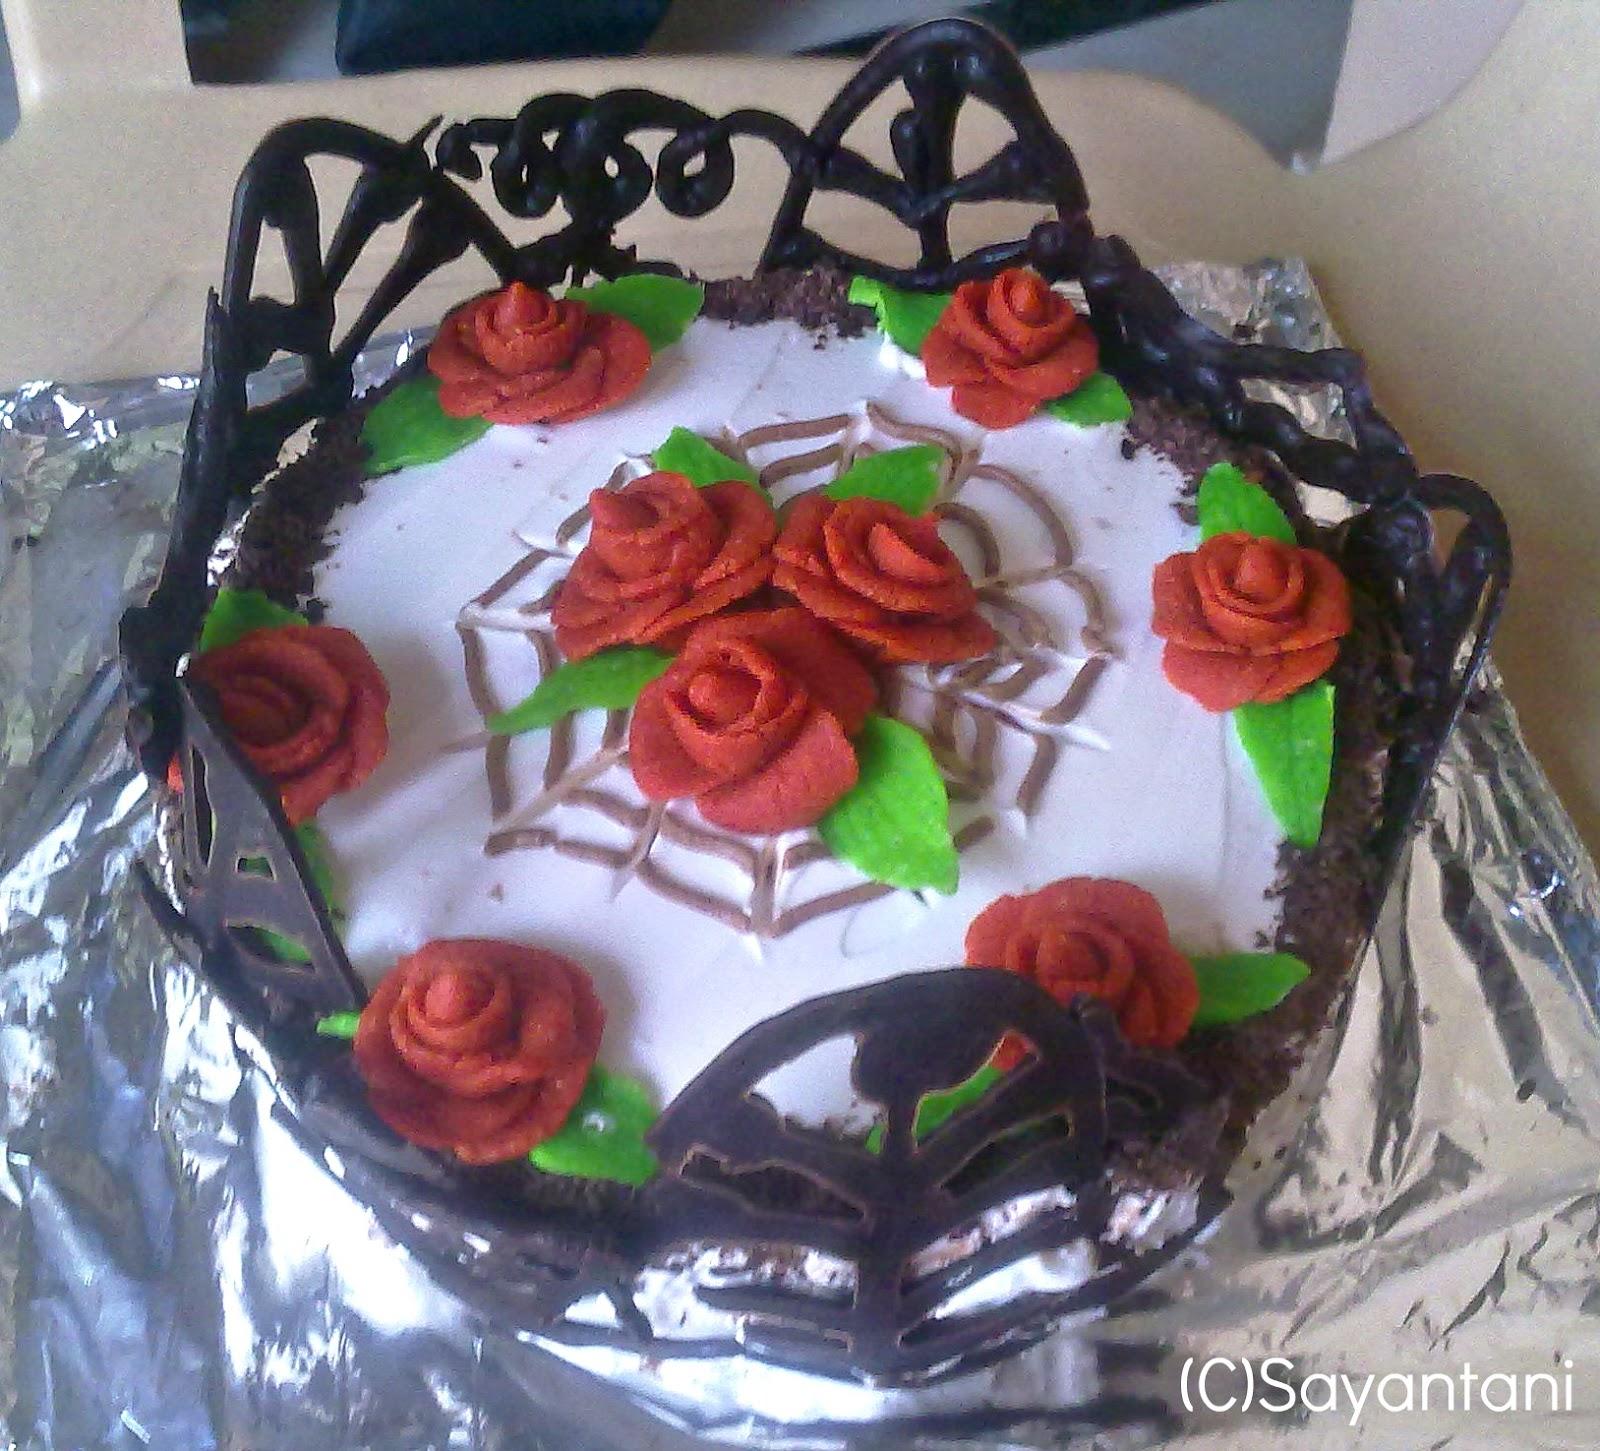 Strawberry Gateau Cake Recipe